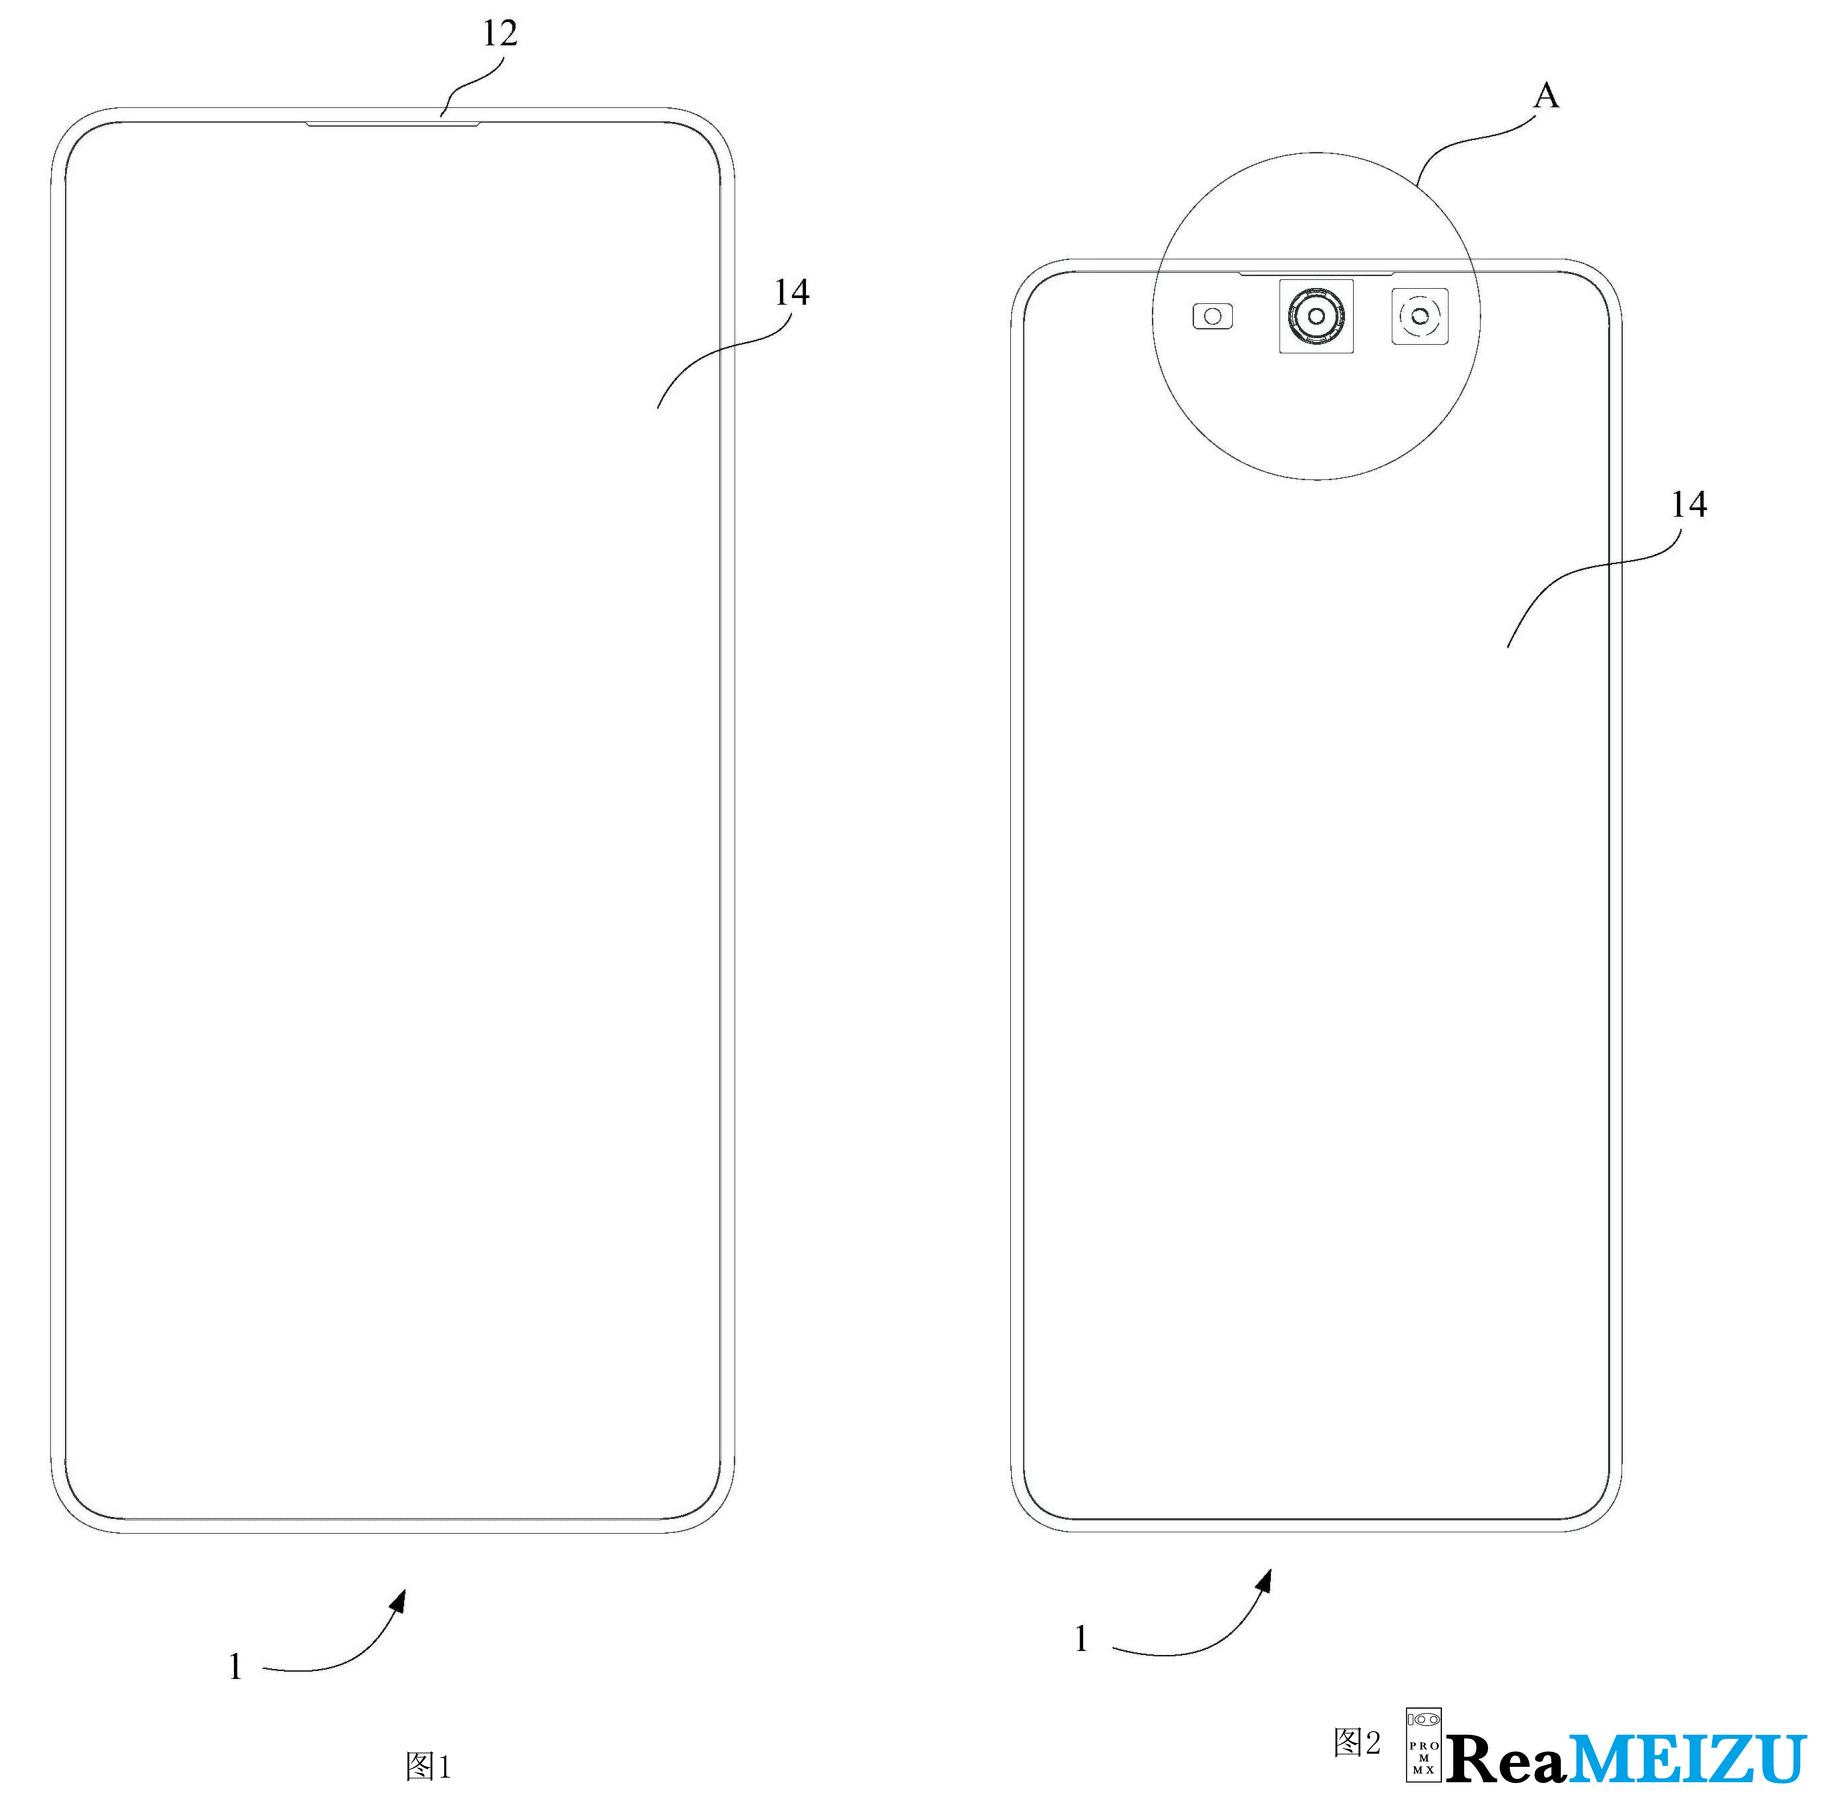 MEIZUがフルディスプレイデザインの特許を取得